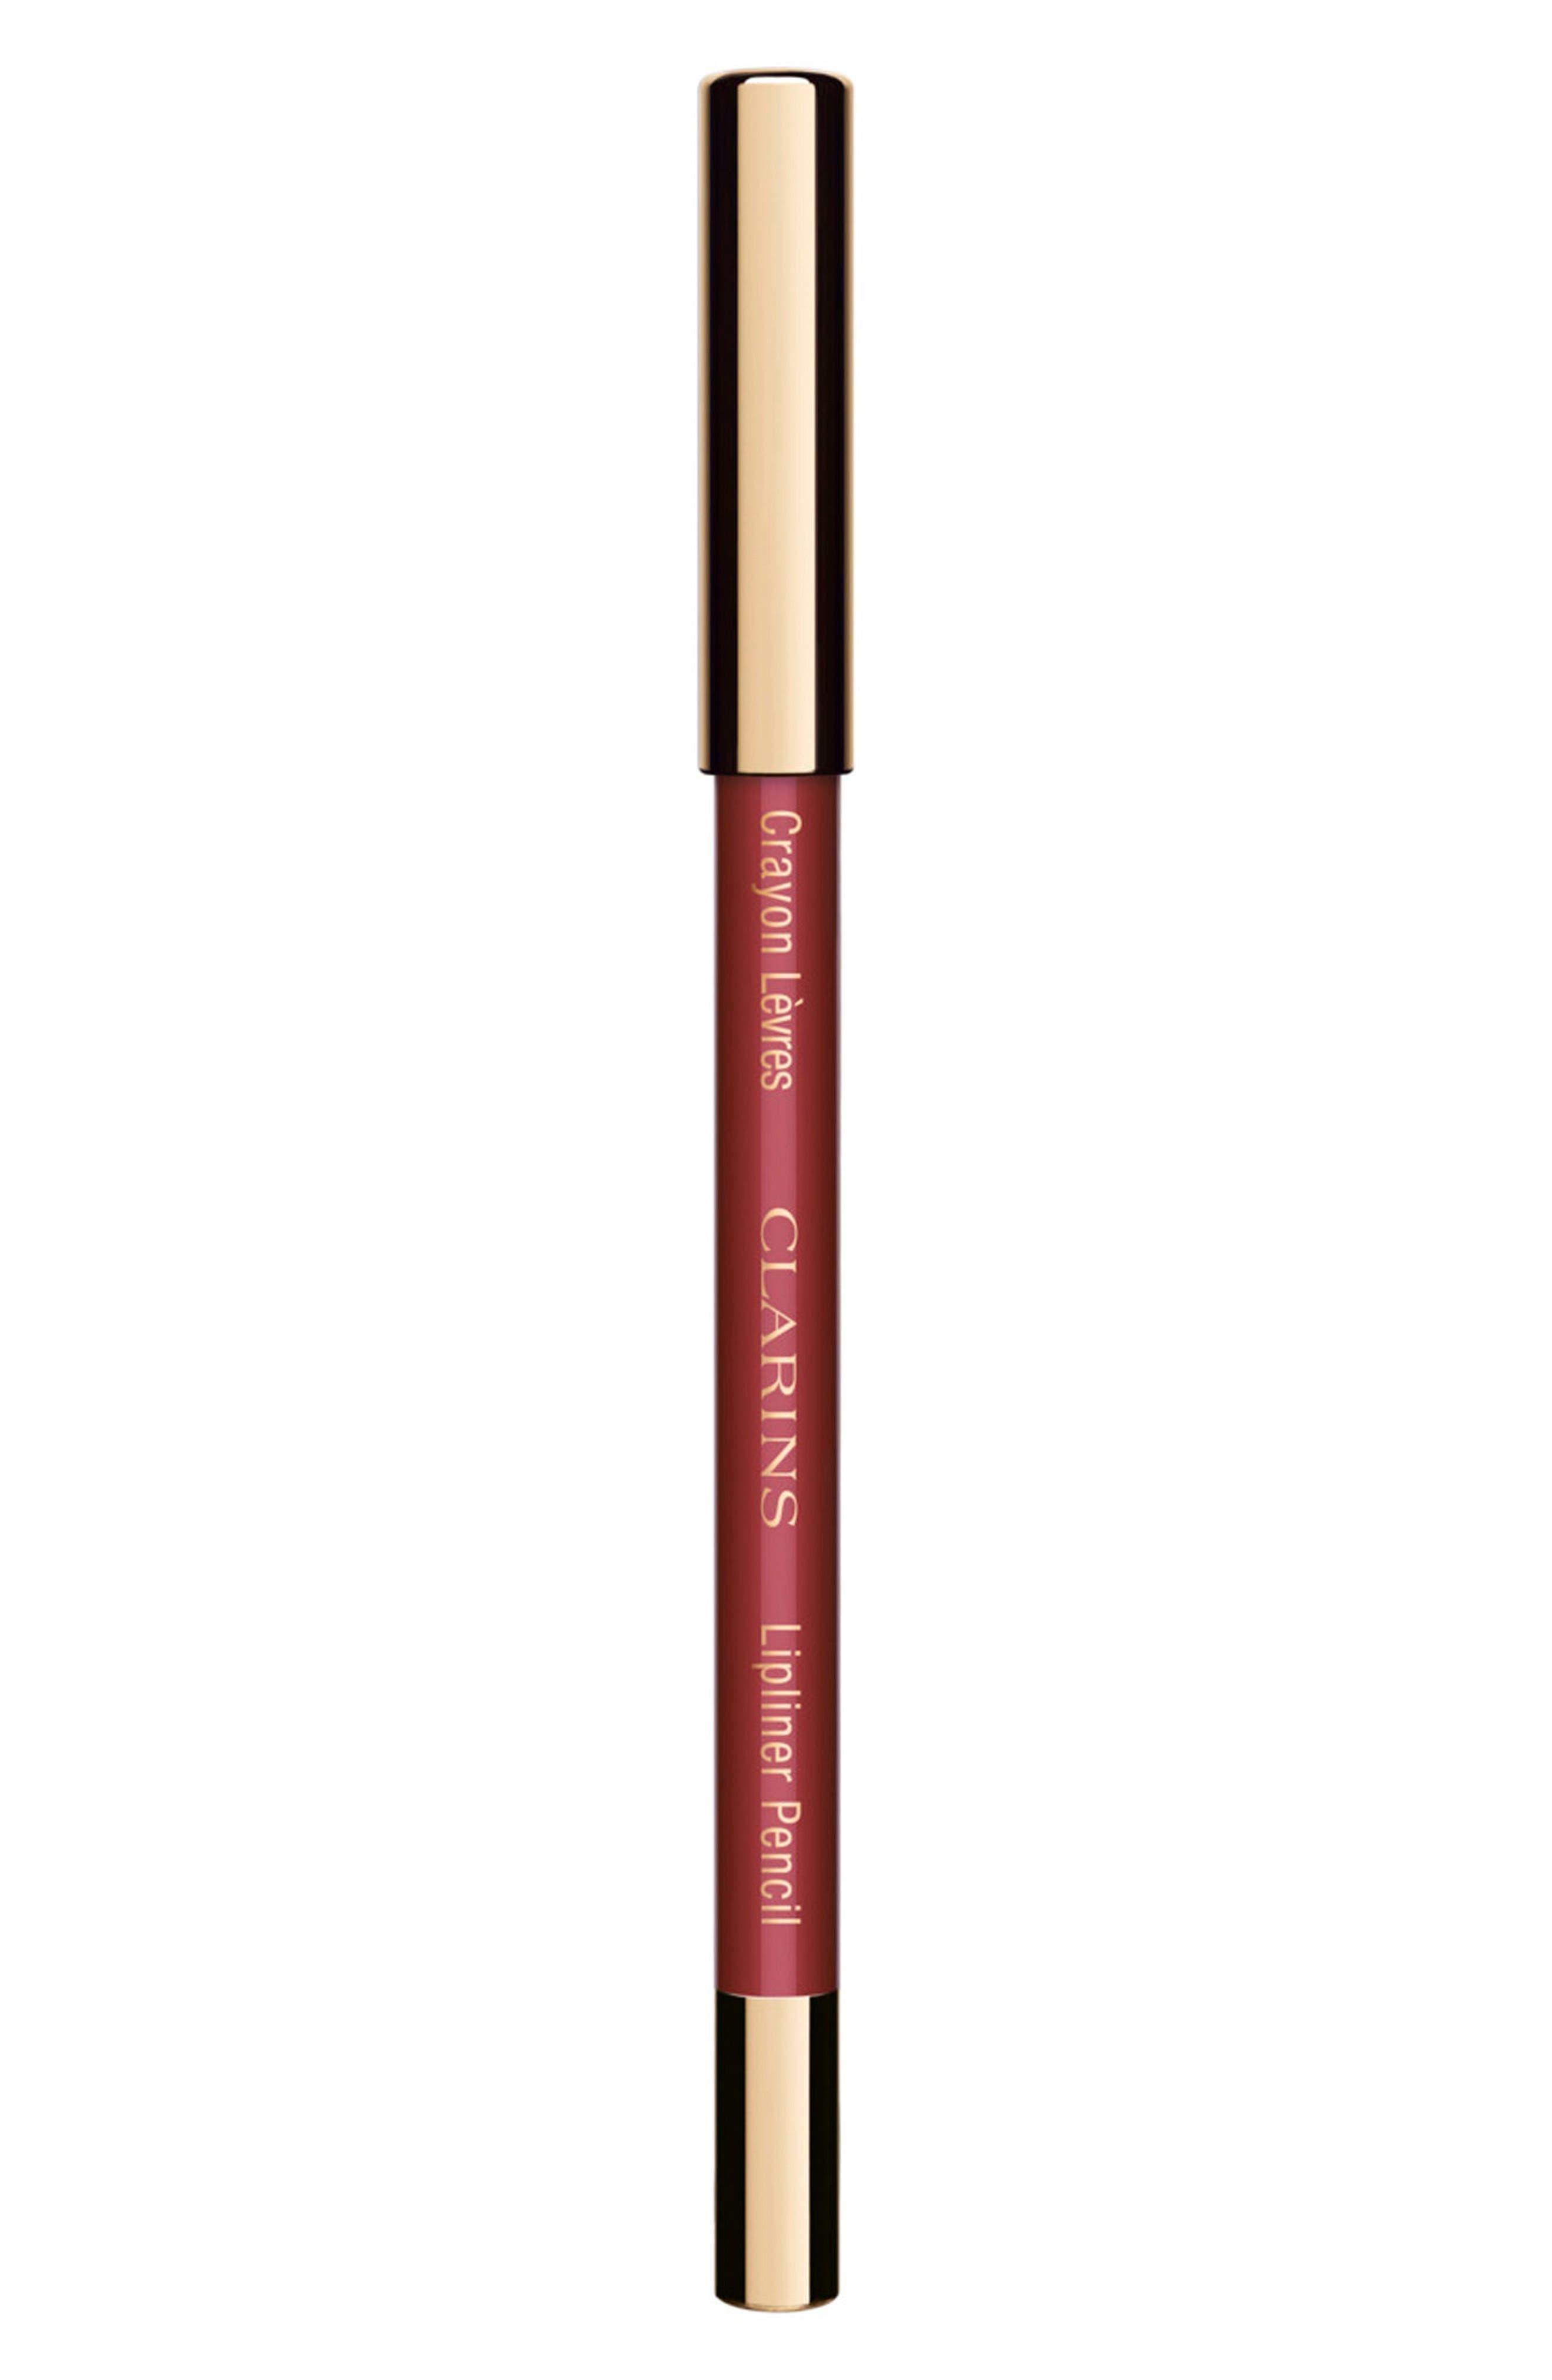 Clarins Lip Pencil